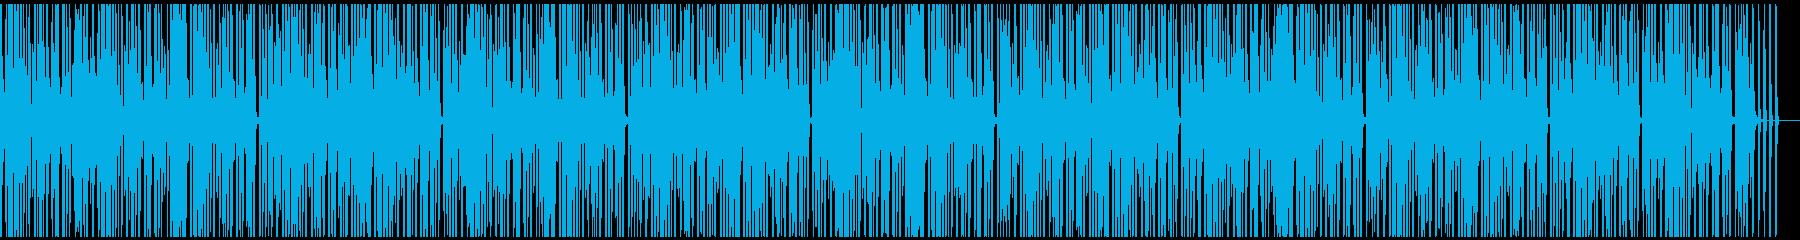 アナログシンセのシーケンスの再生済みの波形